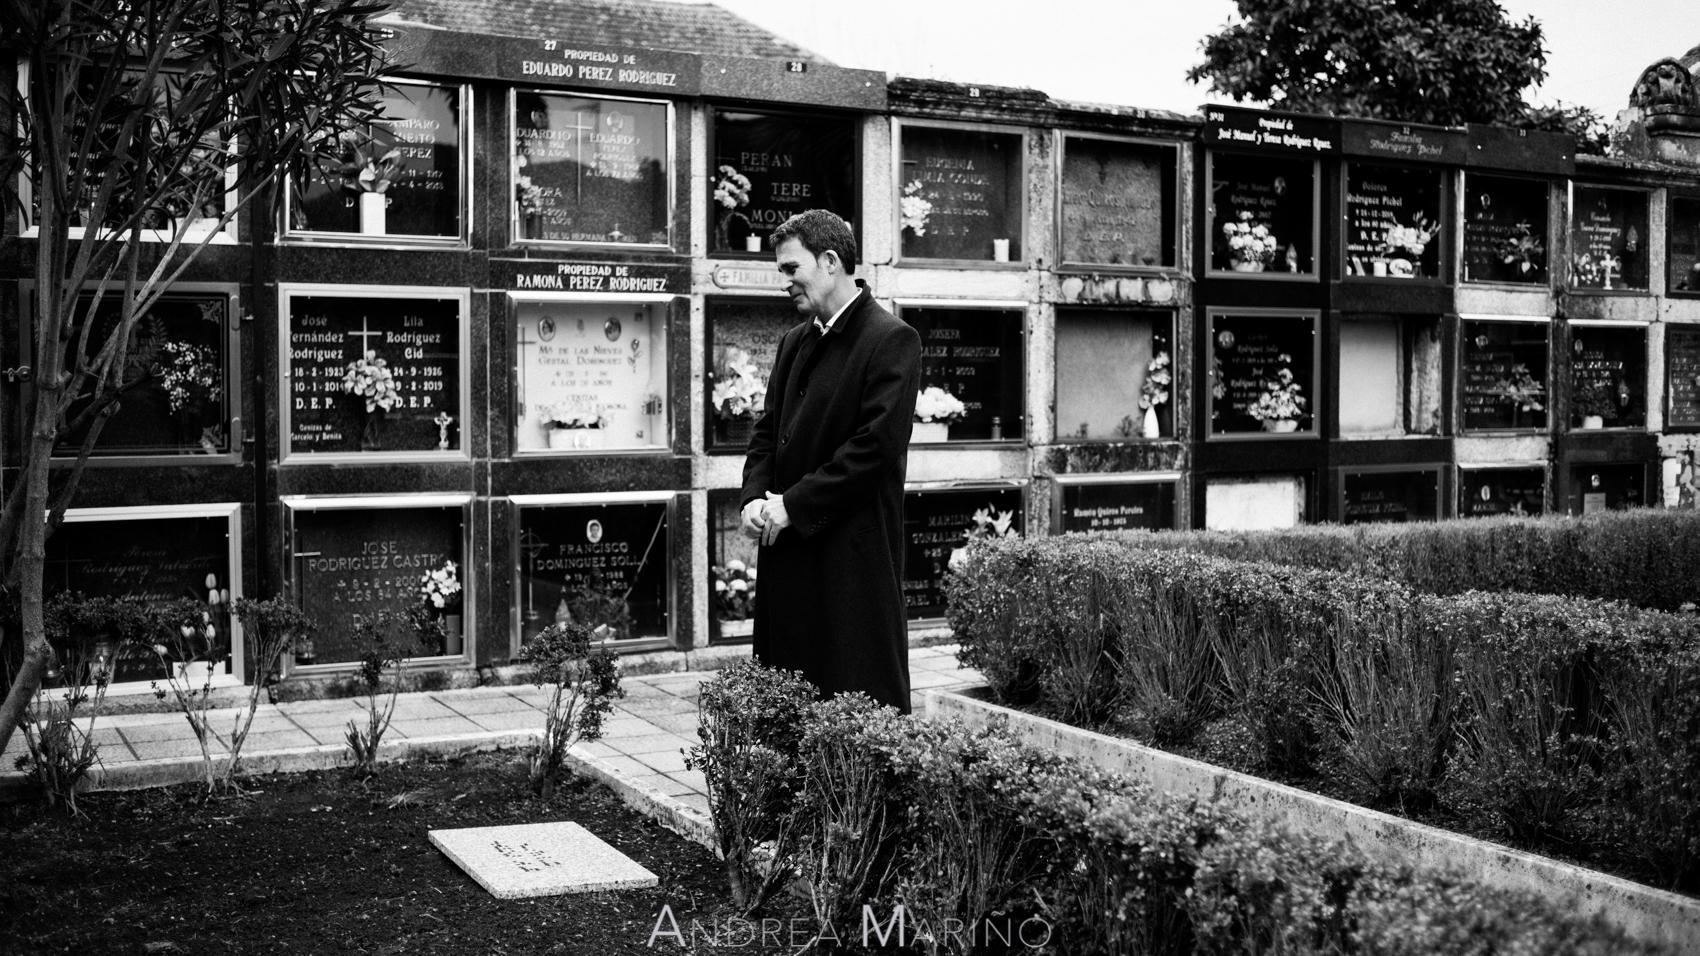 Actor delante de la lápida en el cementerio